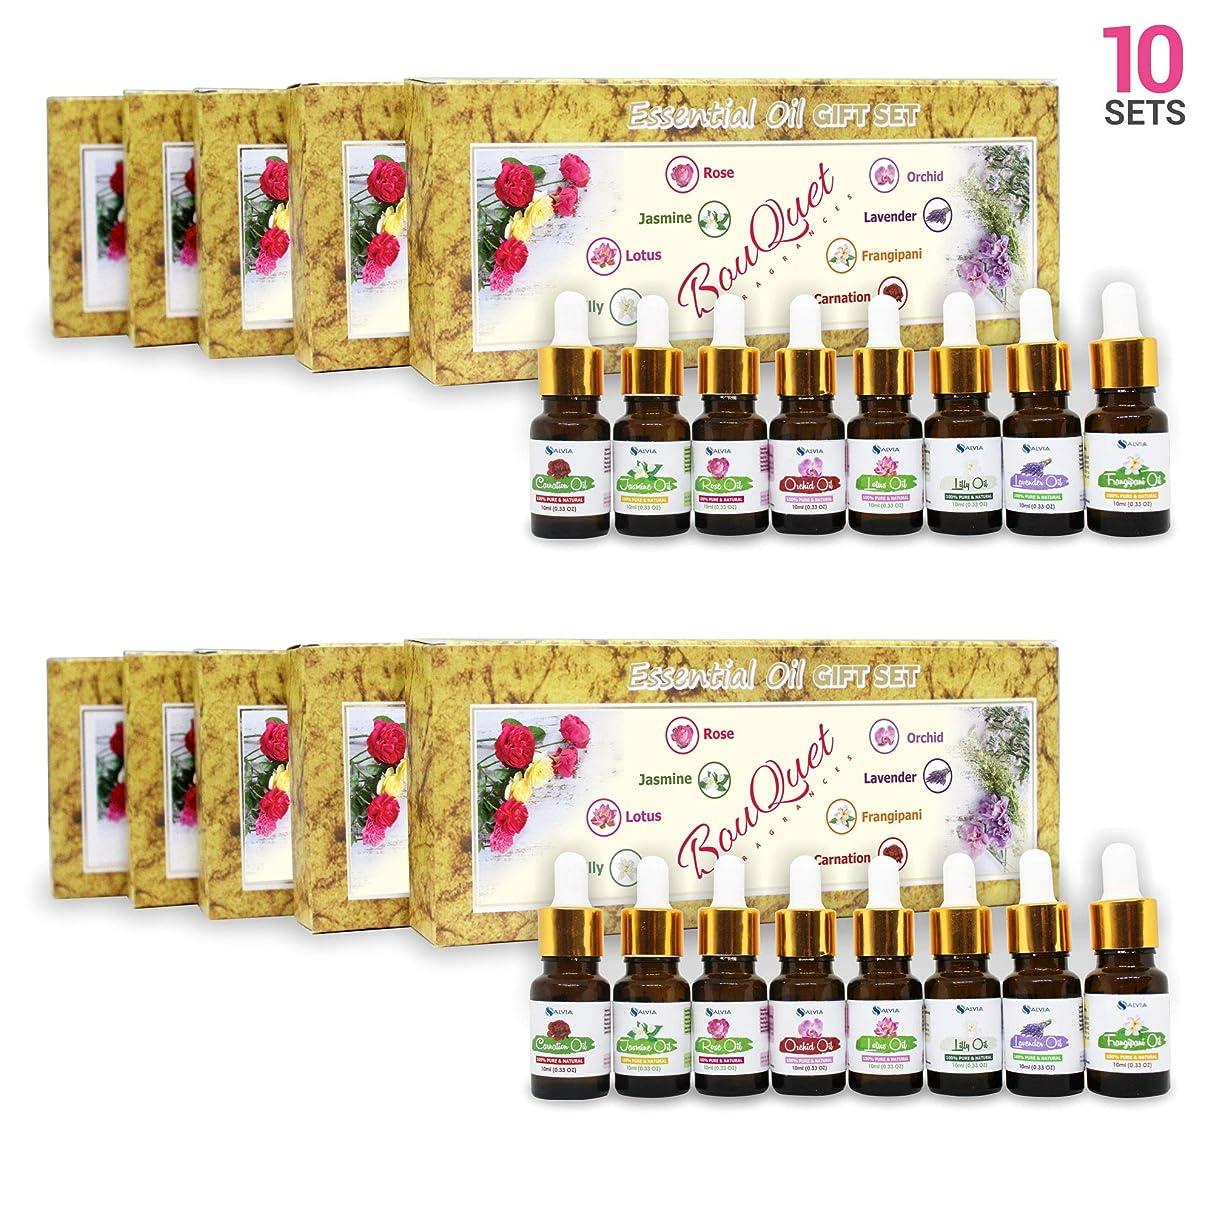 そばに改善するクルーAromatherapy Fragrance Oils (Set of 10) - 100% Natural Therapeutic Essential Oils, 10ml each (Rose, Jasmine, Lotus, Lilly, Orchid, Lavender, Frangipani, Carnation) Express Shipping